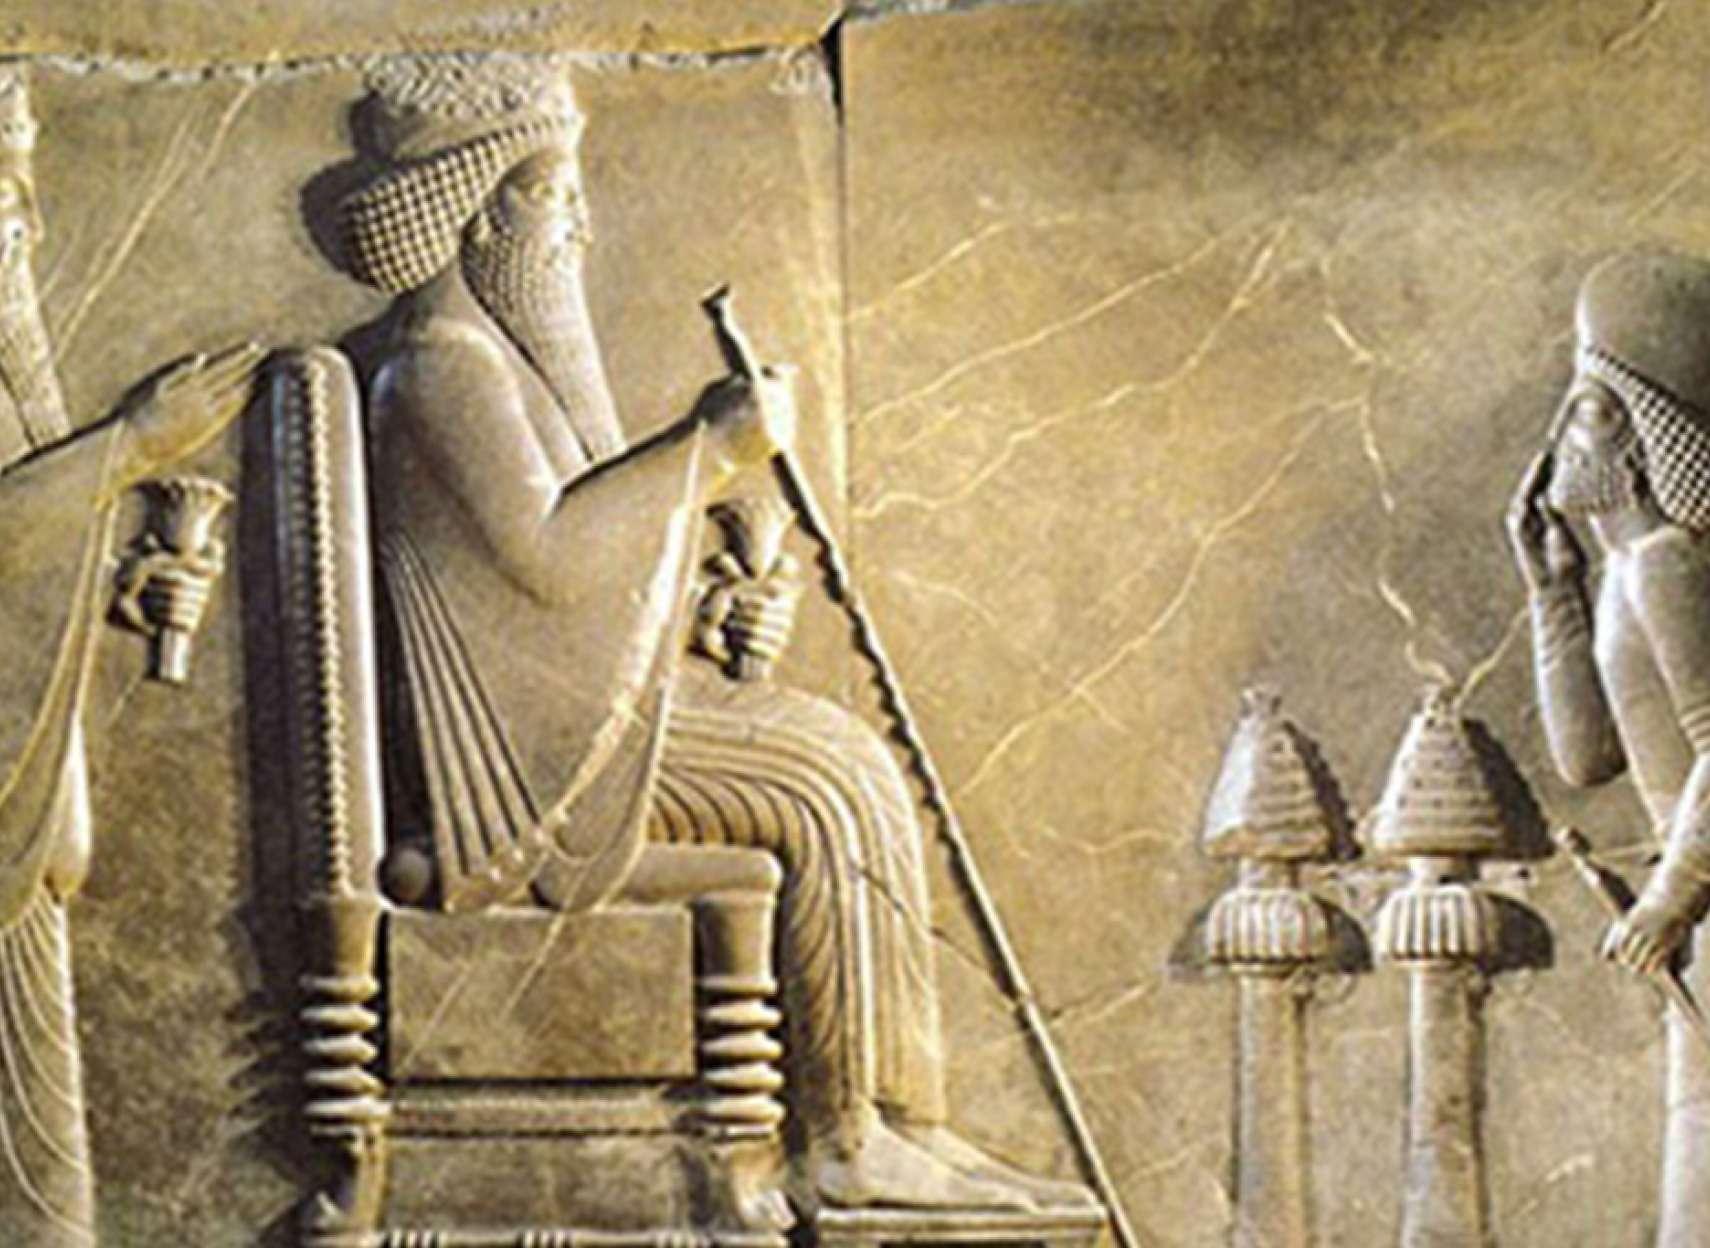 ادبیات-گلمحمدی-کمبوجیه-و-داریوش-بزرگ